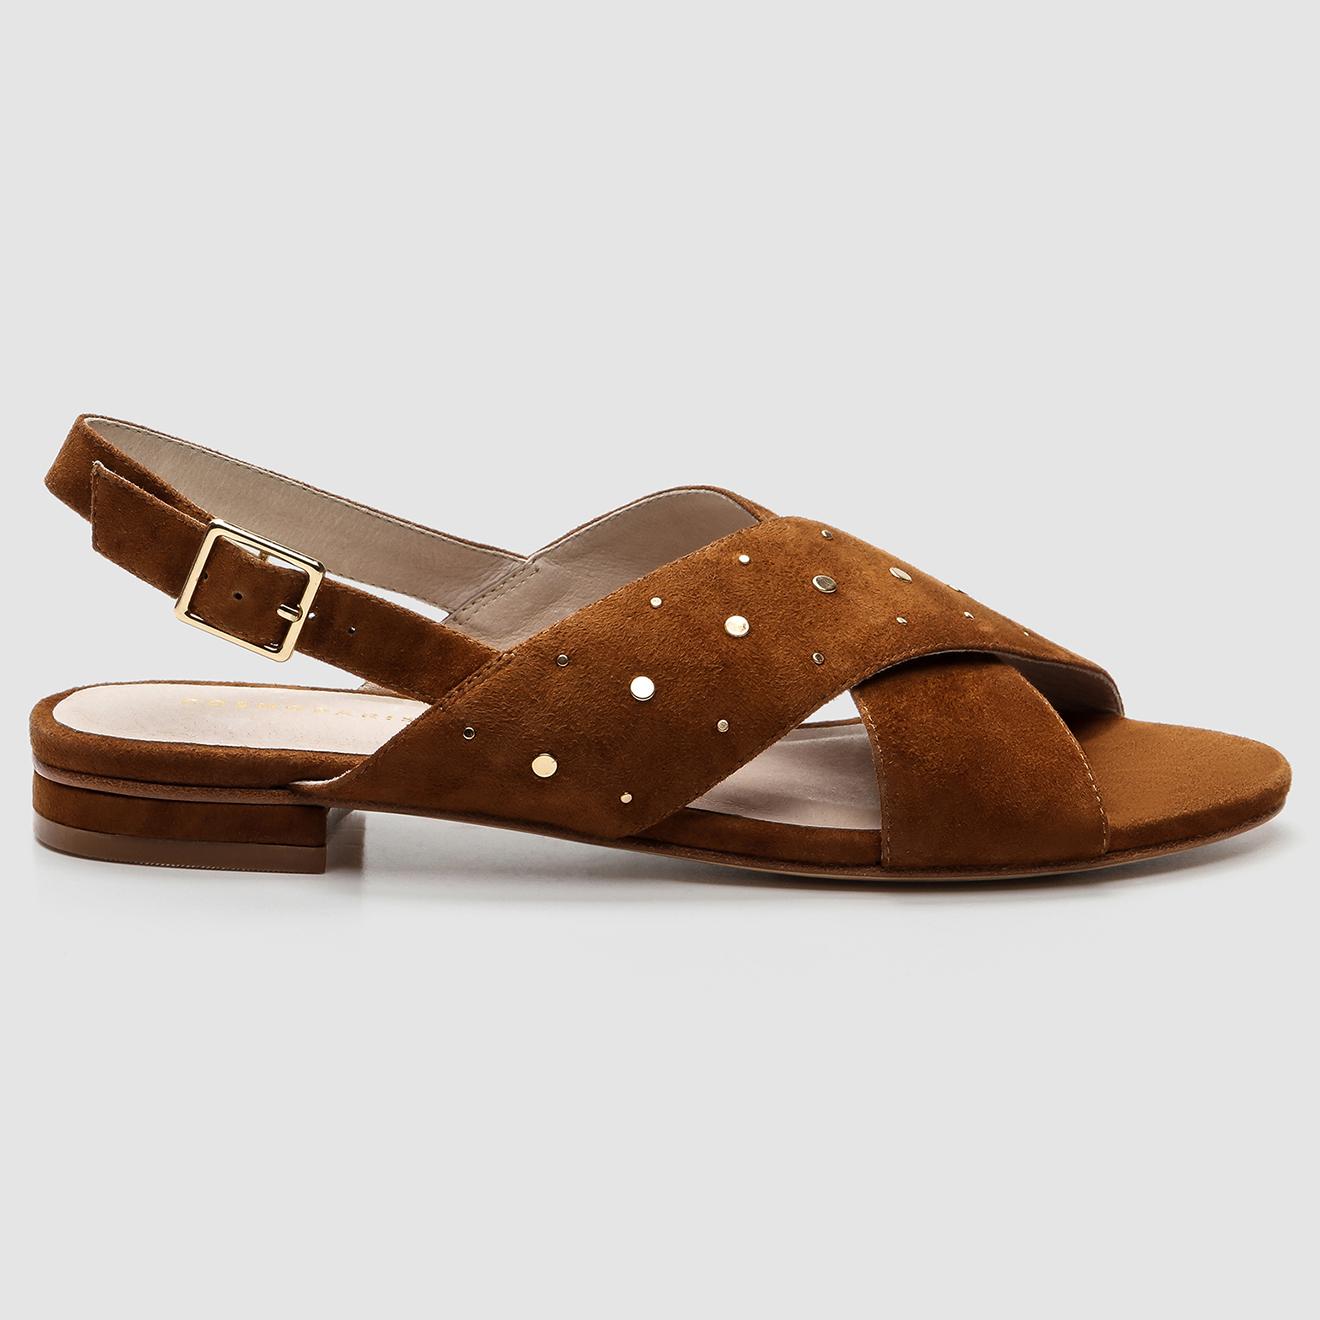 Sandales en Velours de Cuir Houdi cognac - Cosmoparis - Modalova